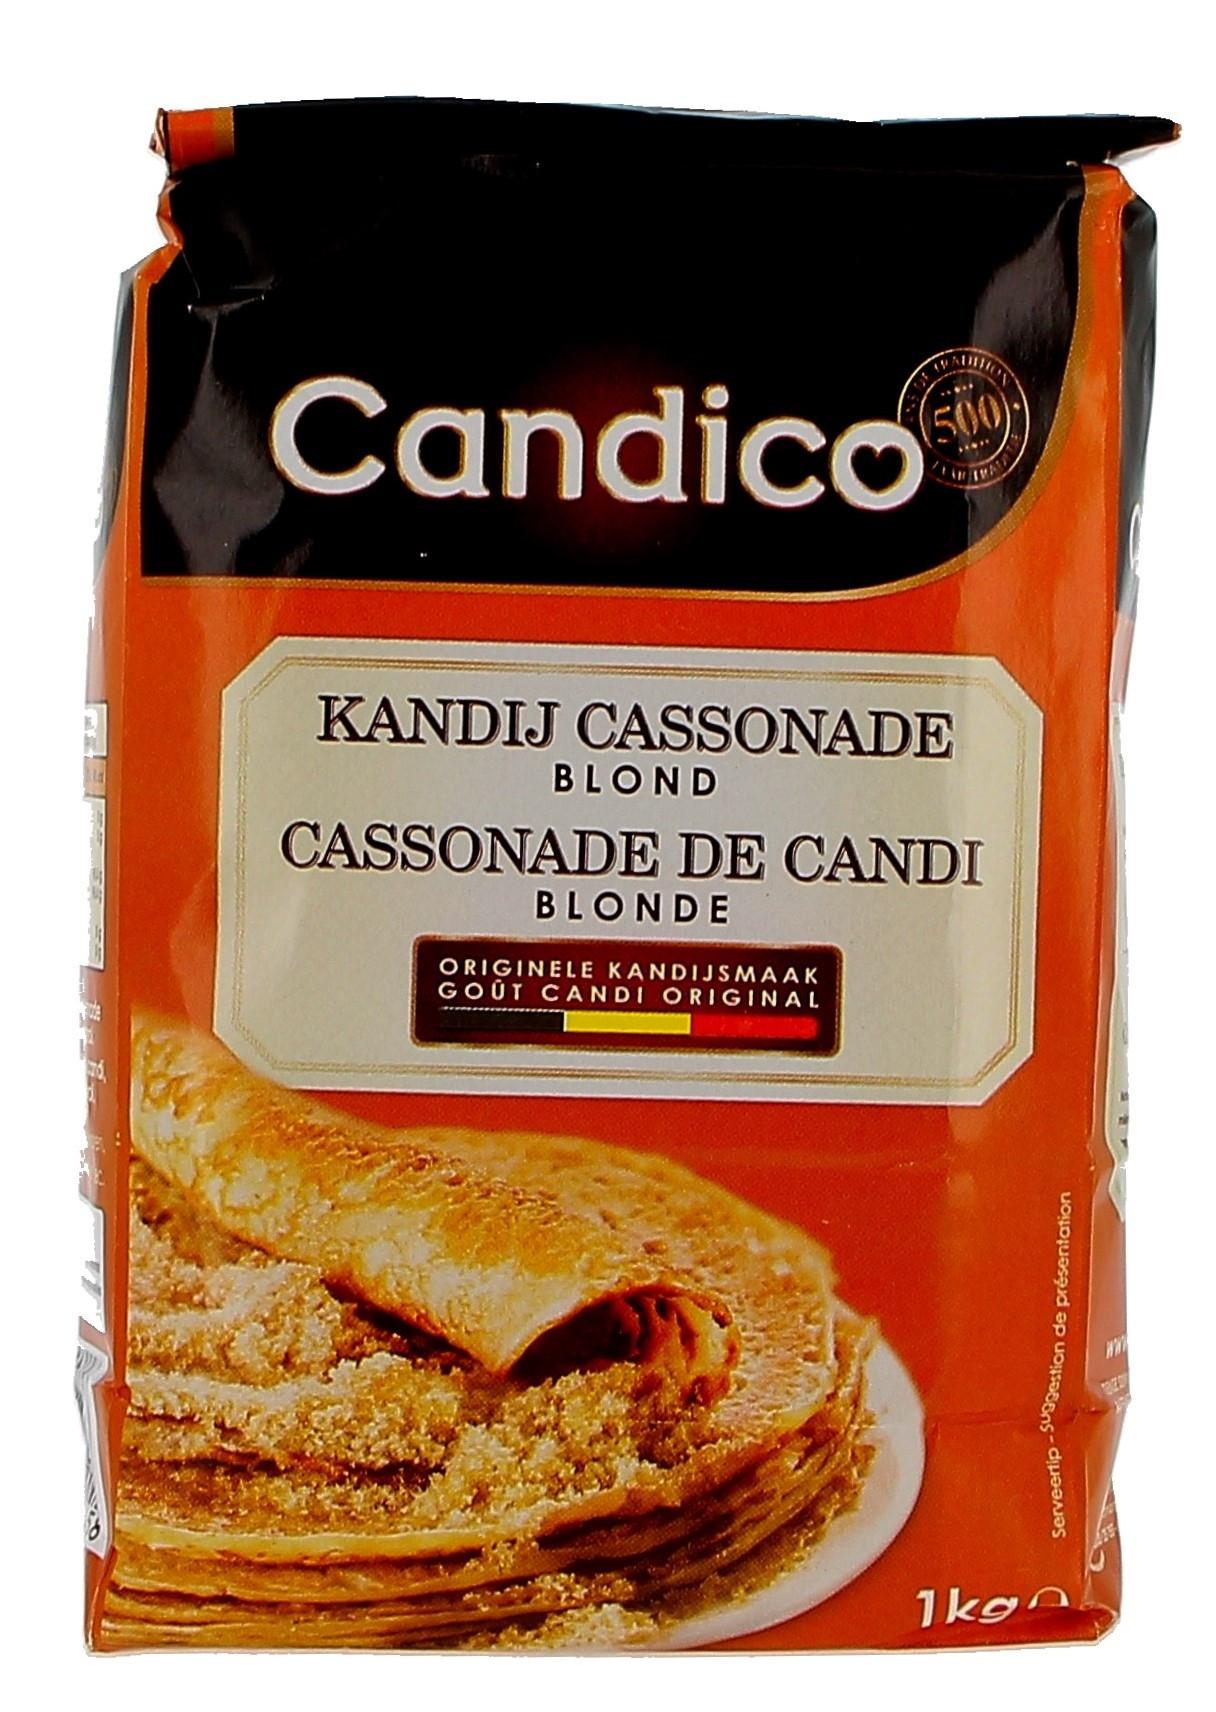 Kandij suiker cassonade blond 1kg Candico (Suiker)